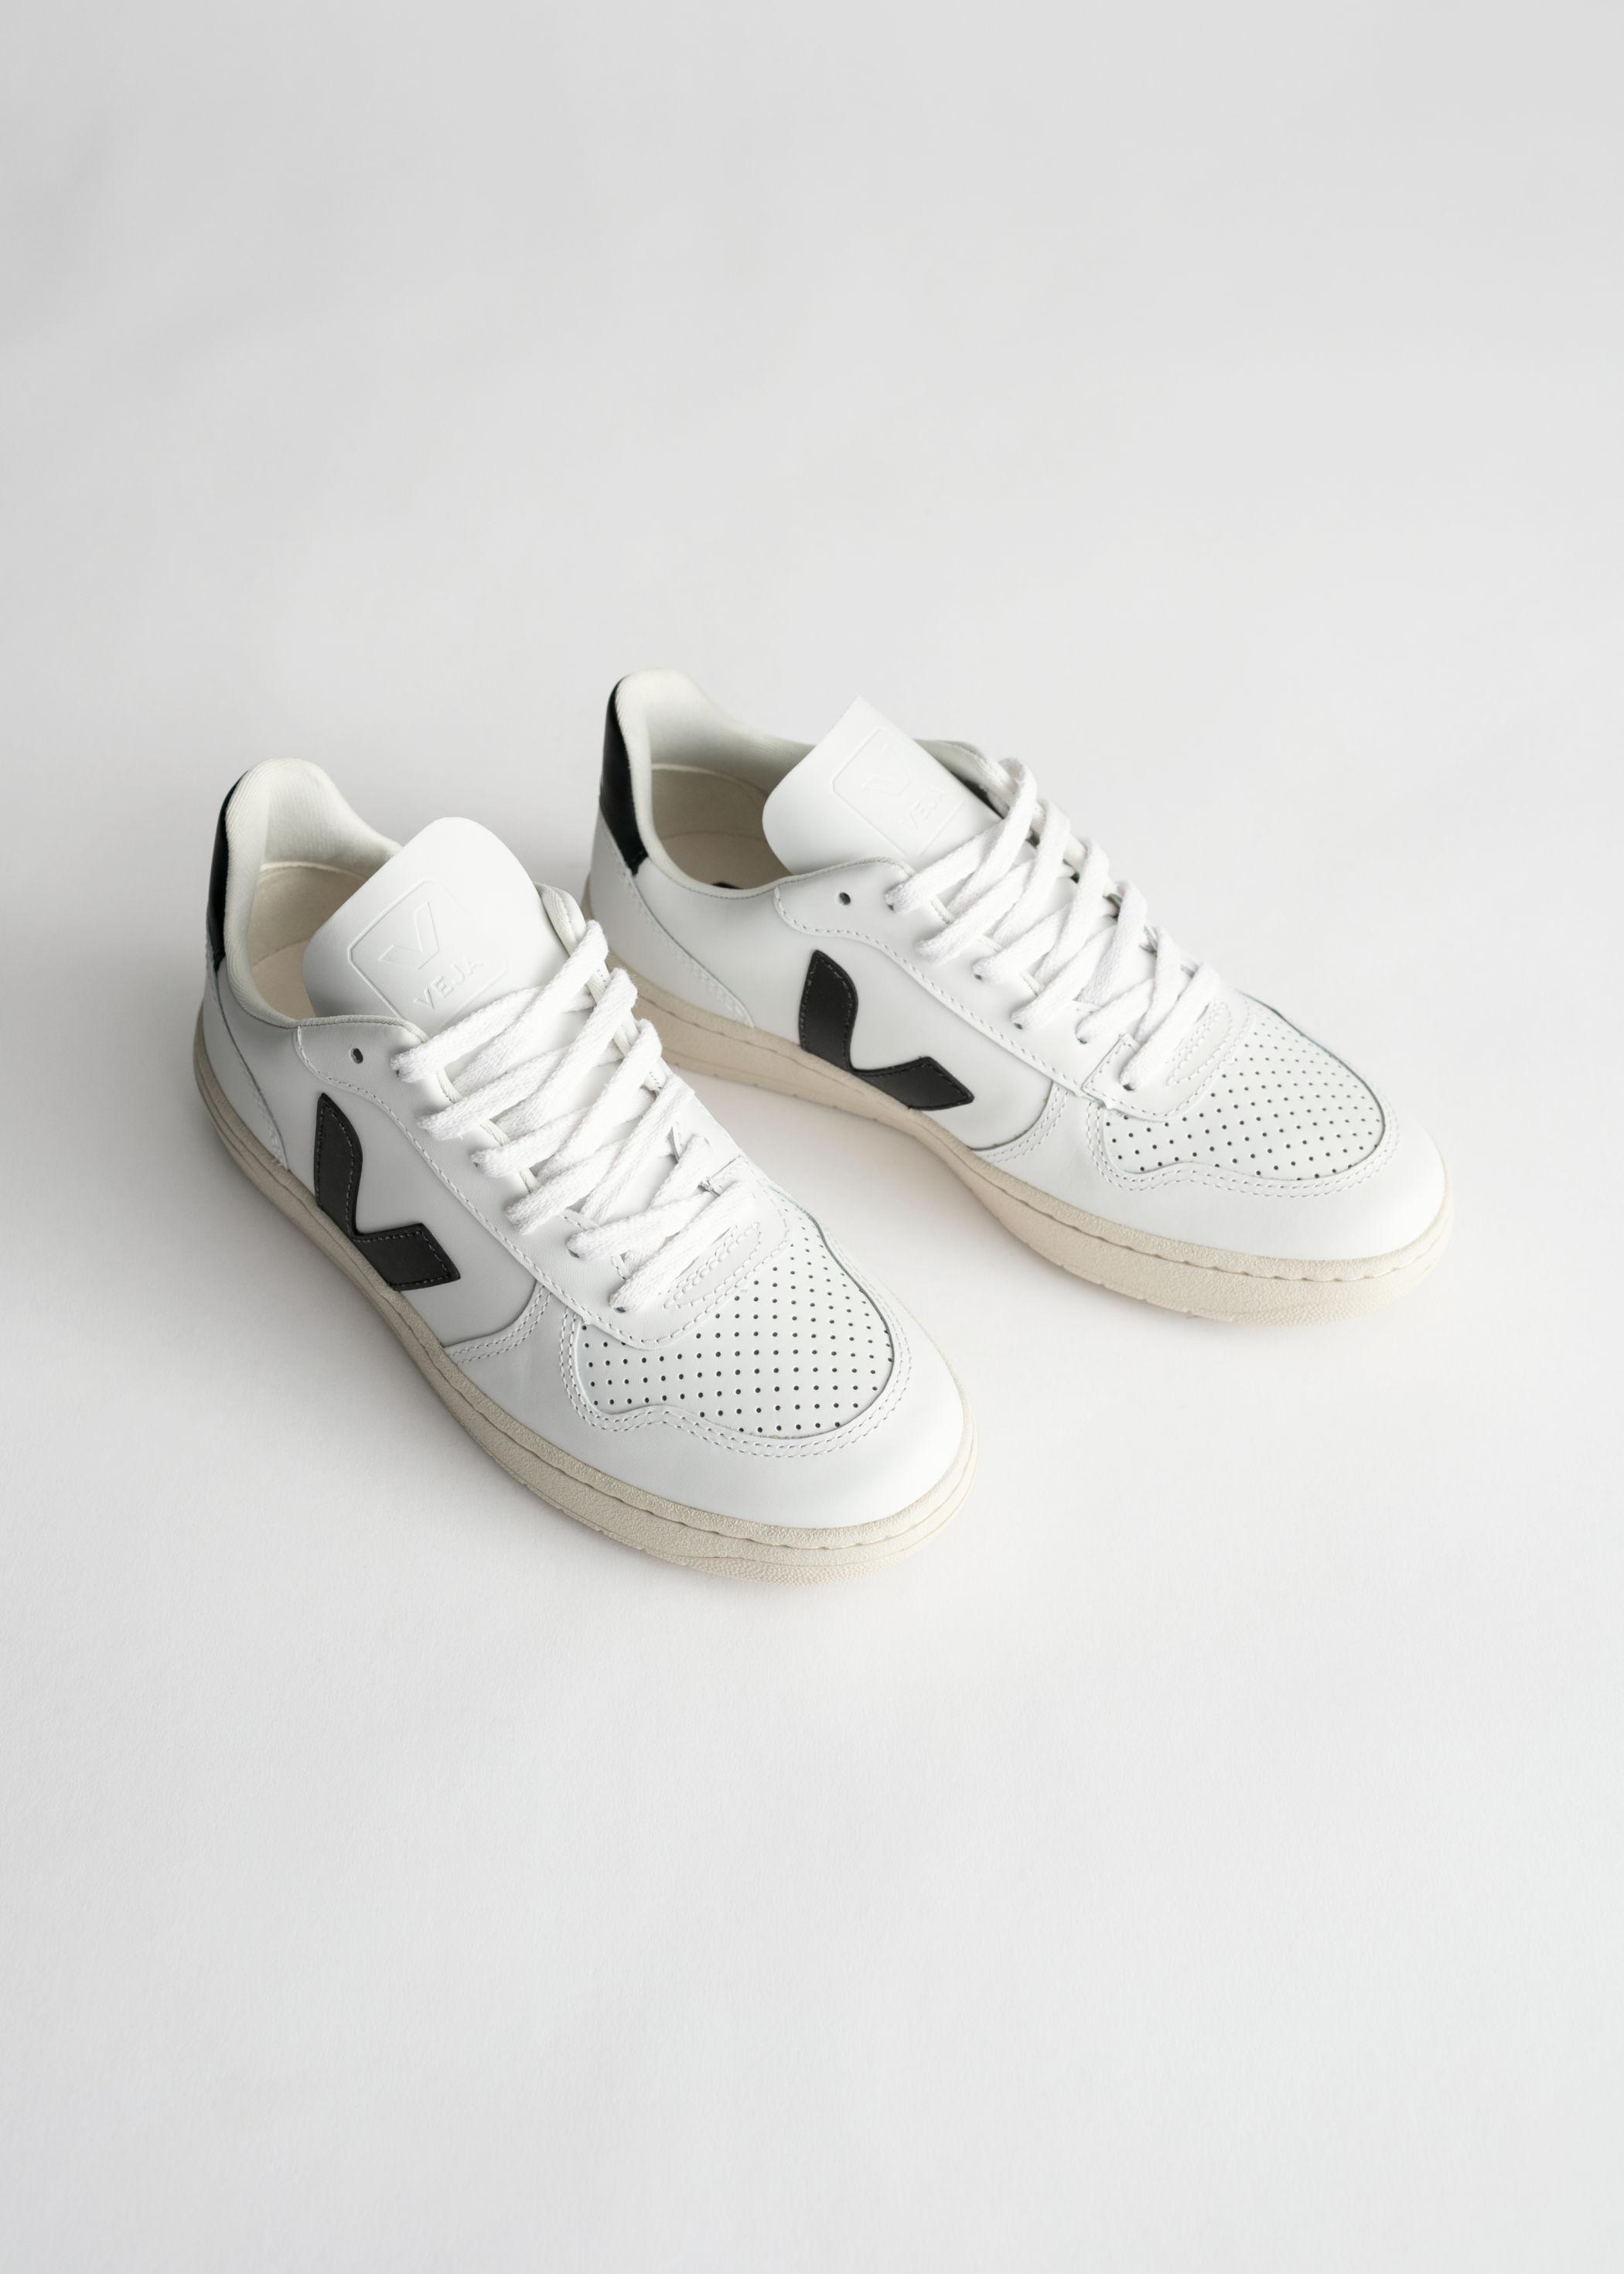 sneakers høst 2019 - topp